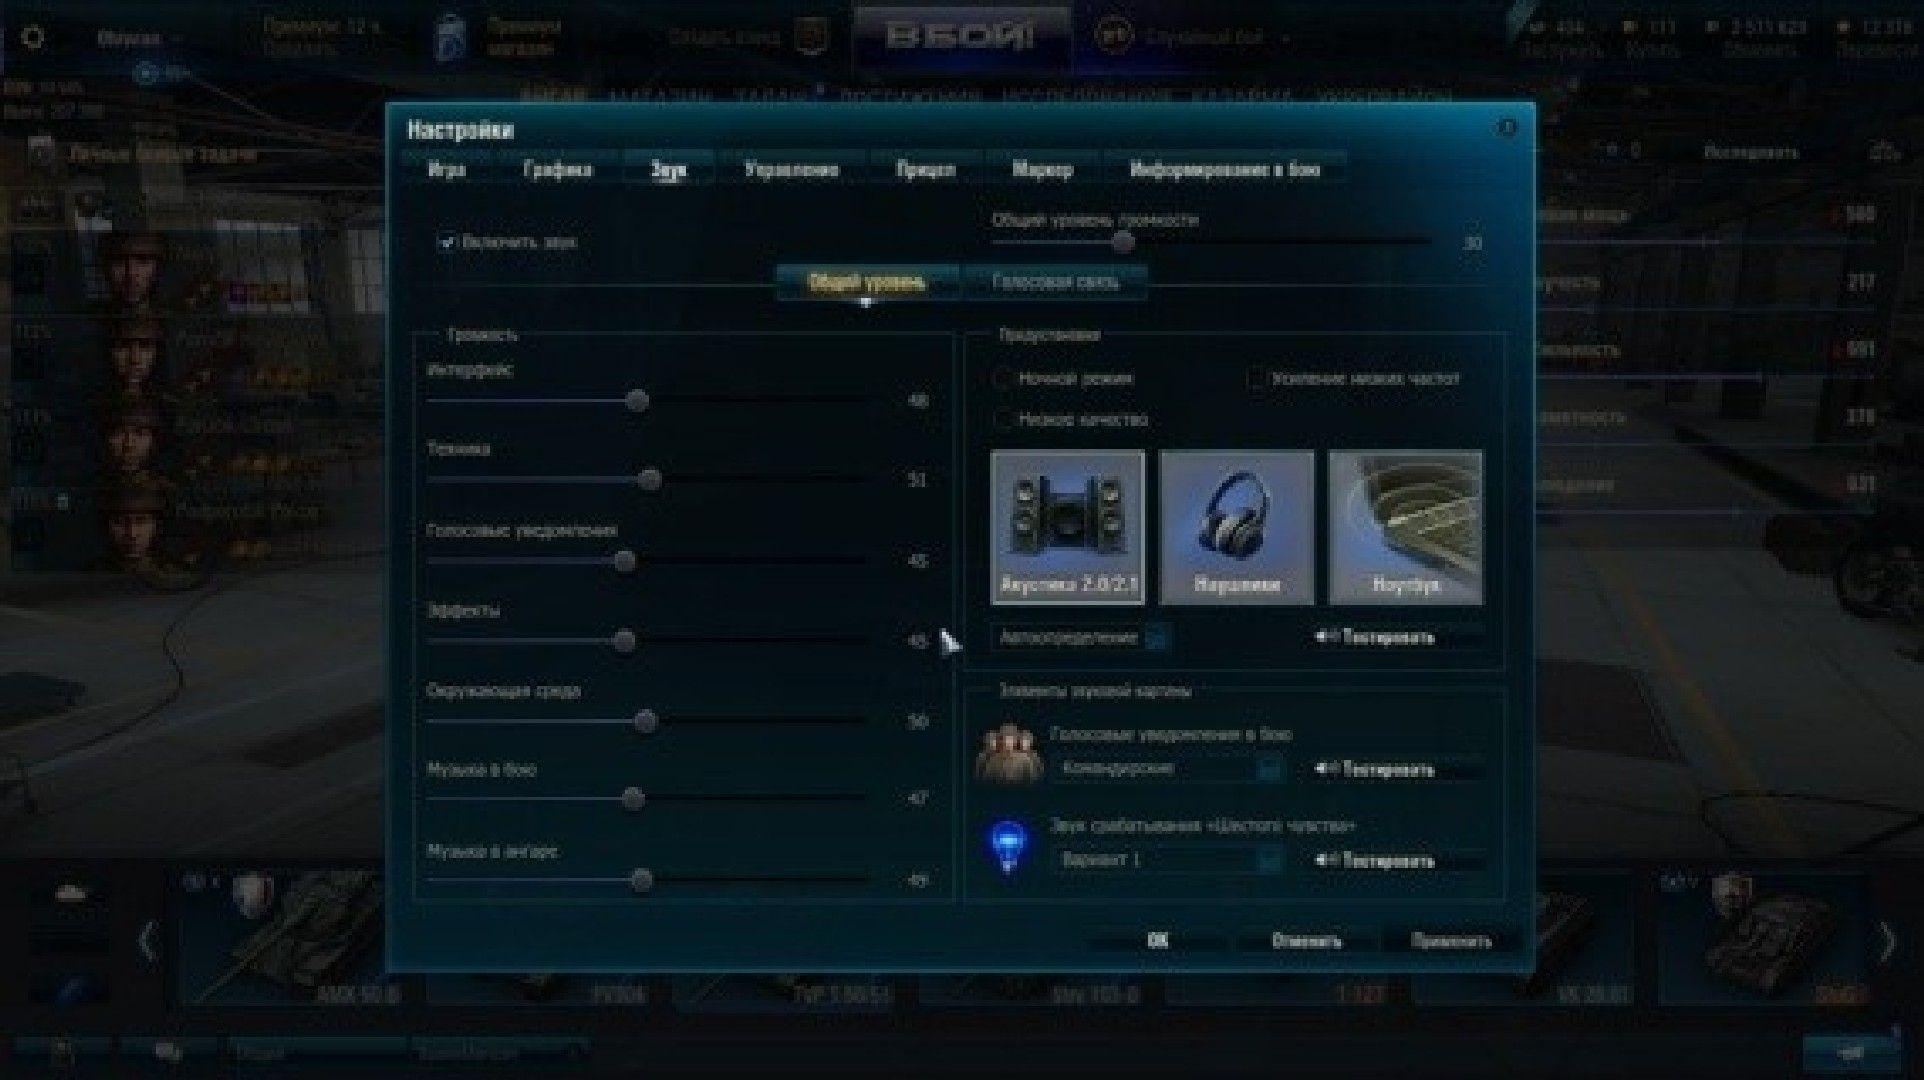 Синий интерфейс в настройках